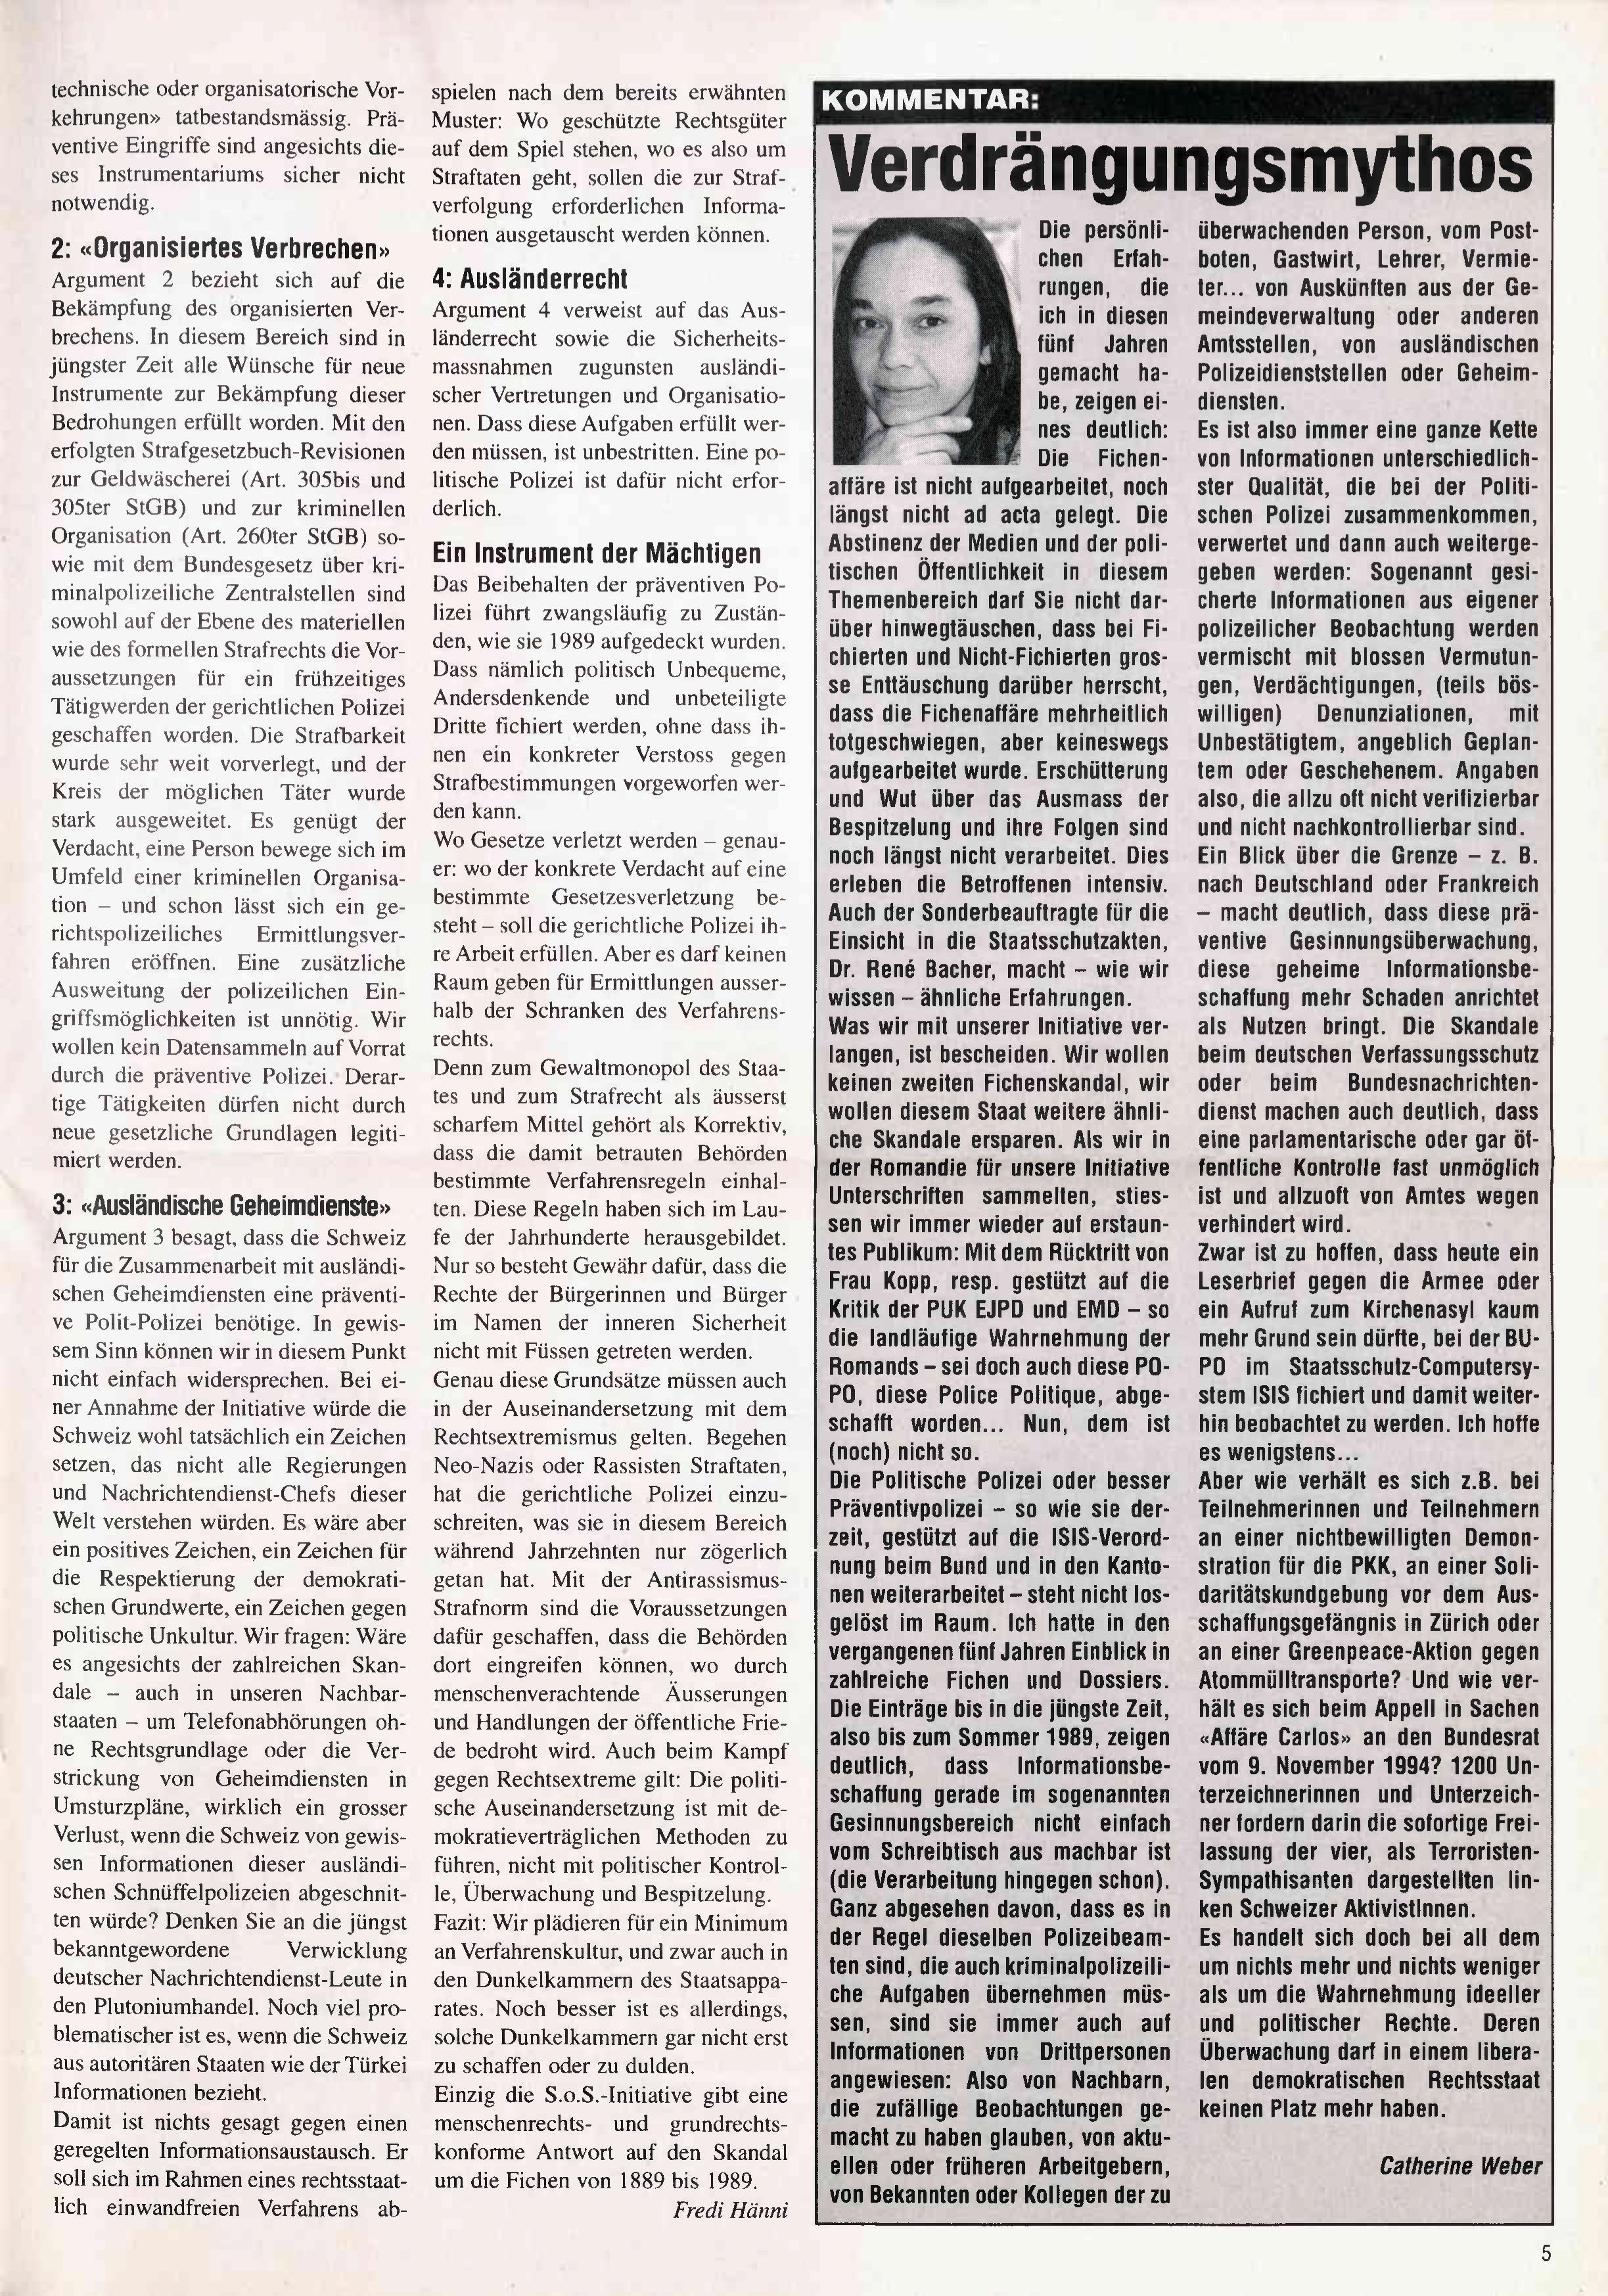 F1ICHEN FRITZ NR. 21 - SEITE 5